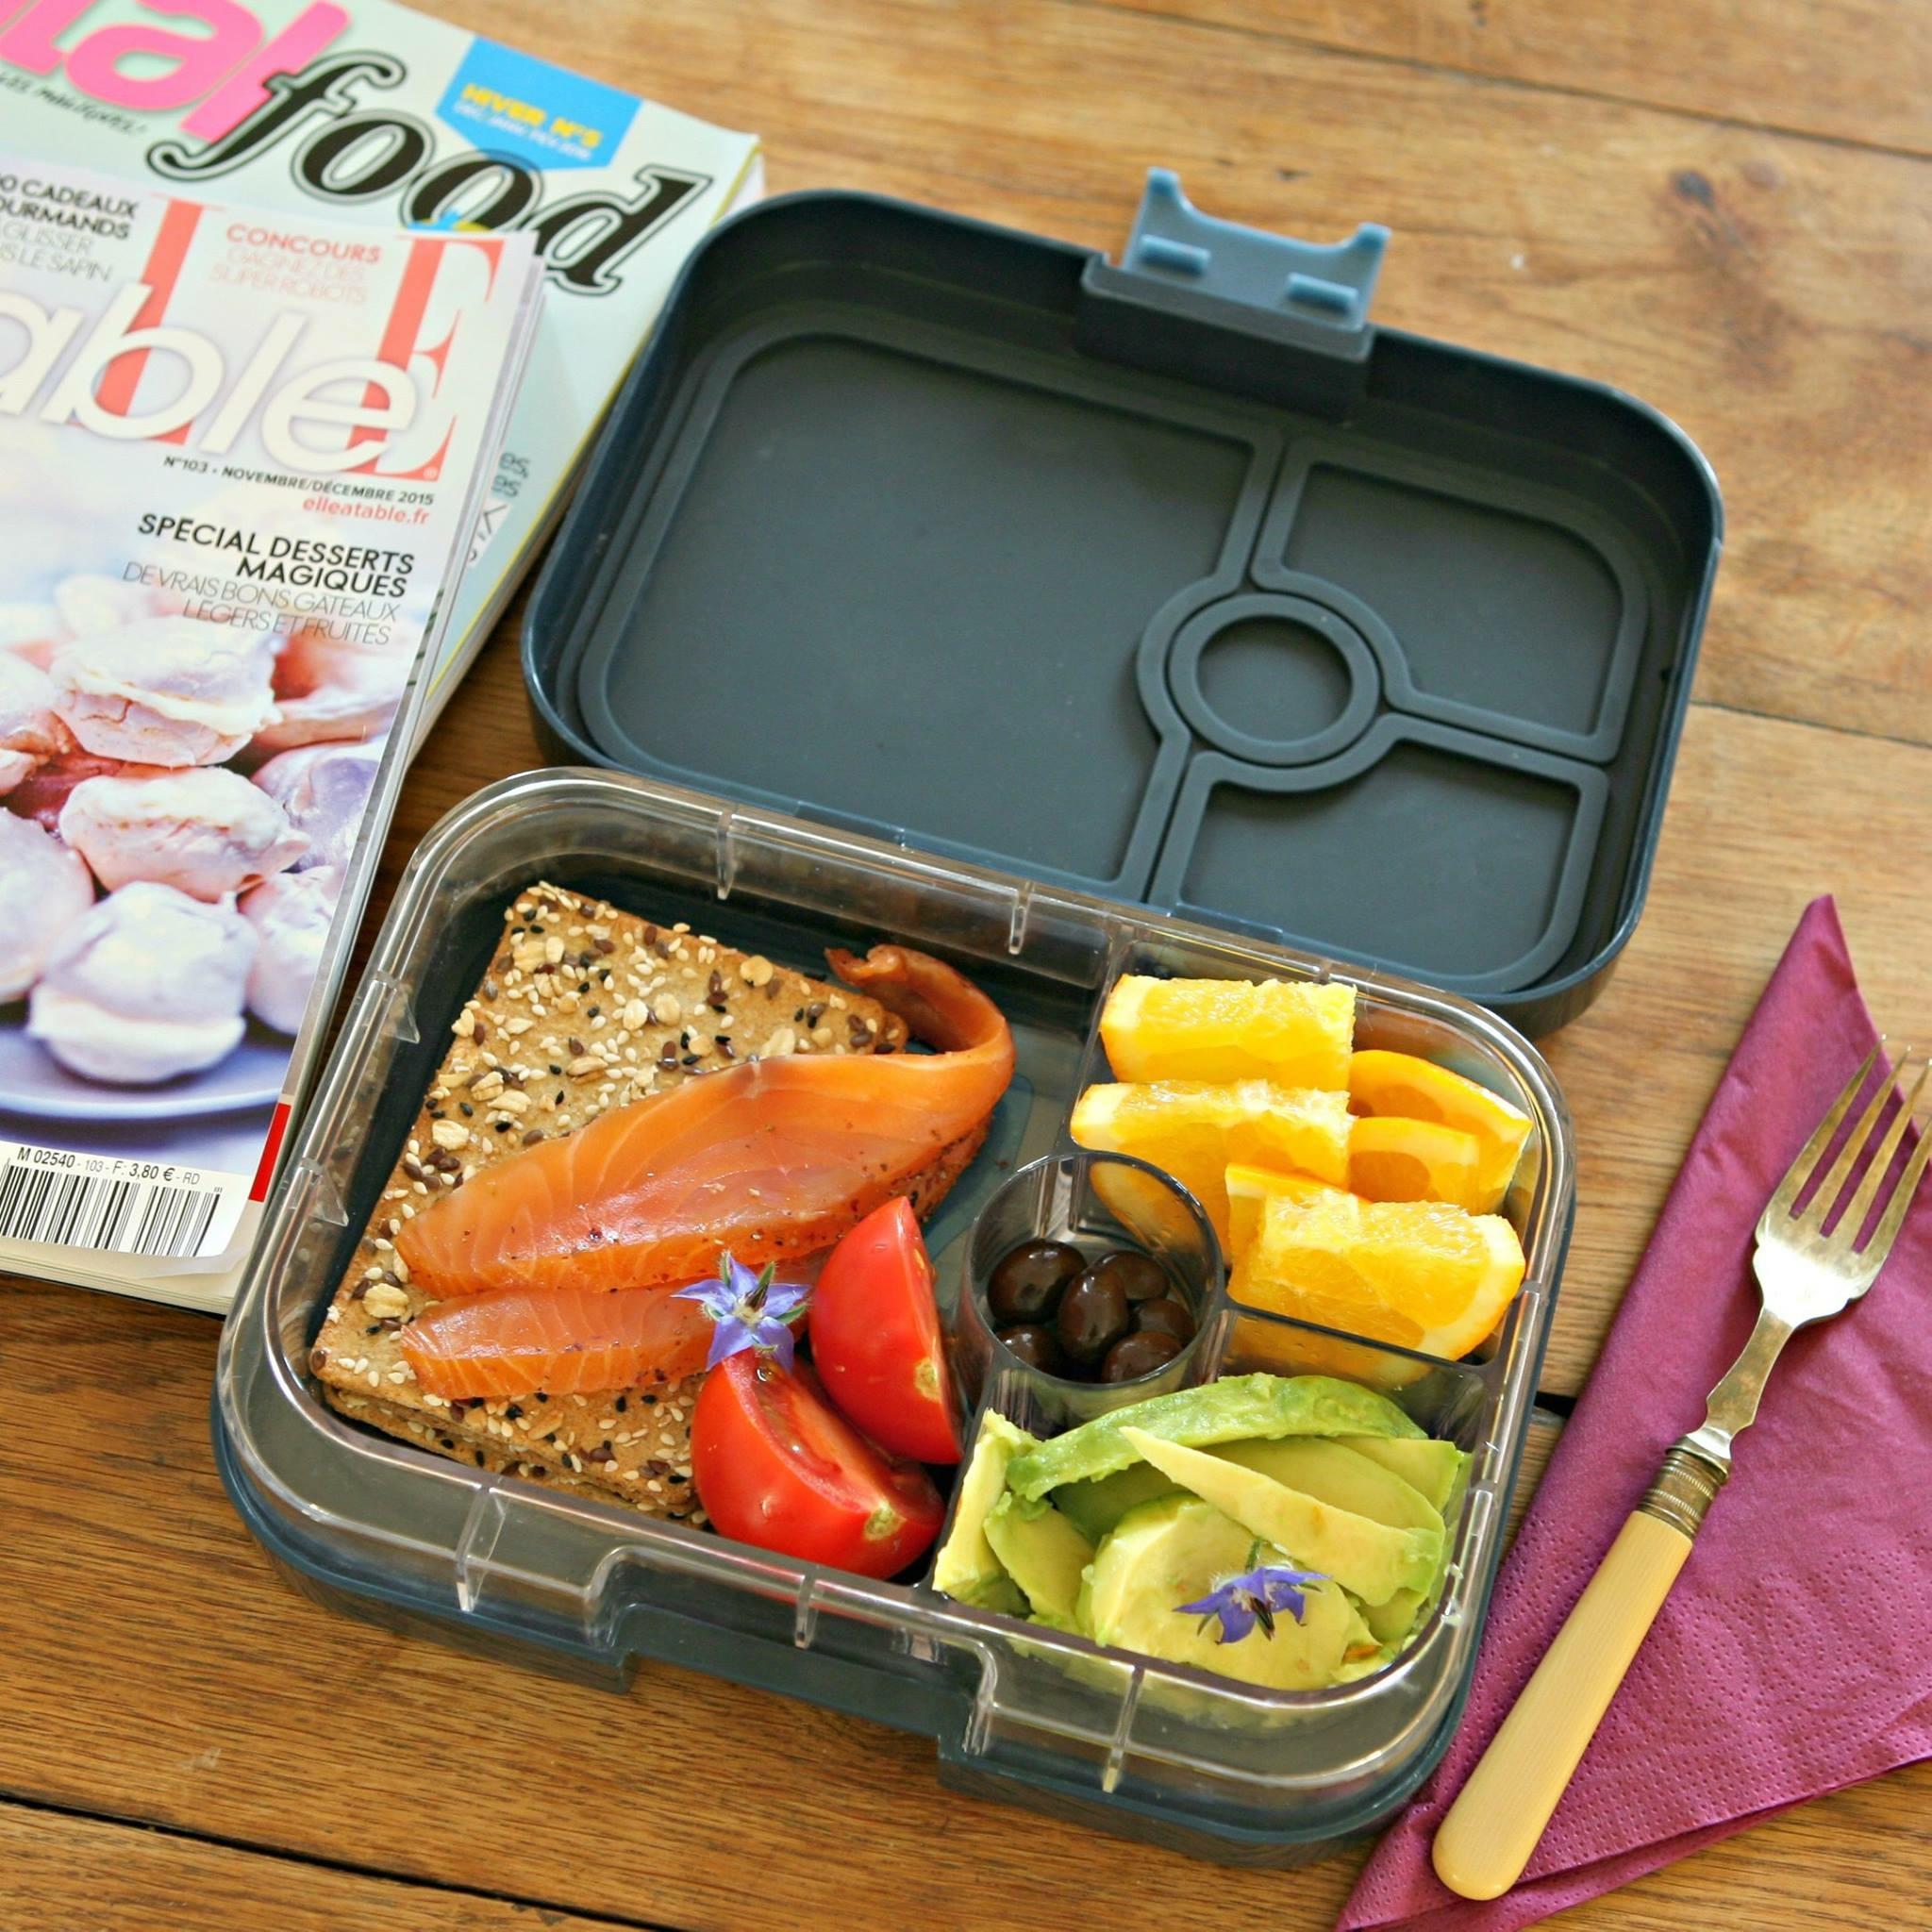 The Yumbox Panino Weight Loss Lunch